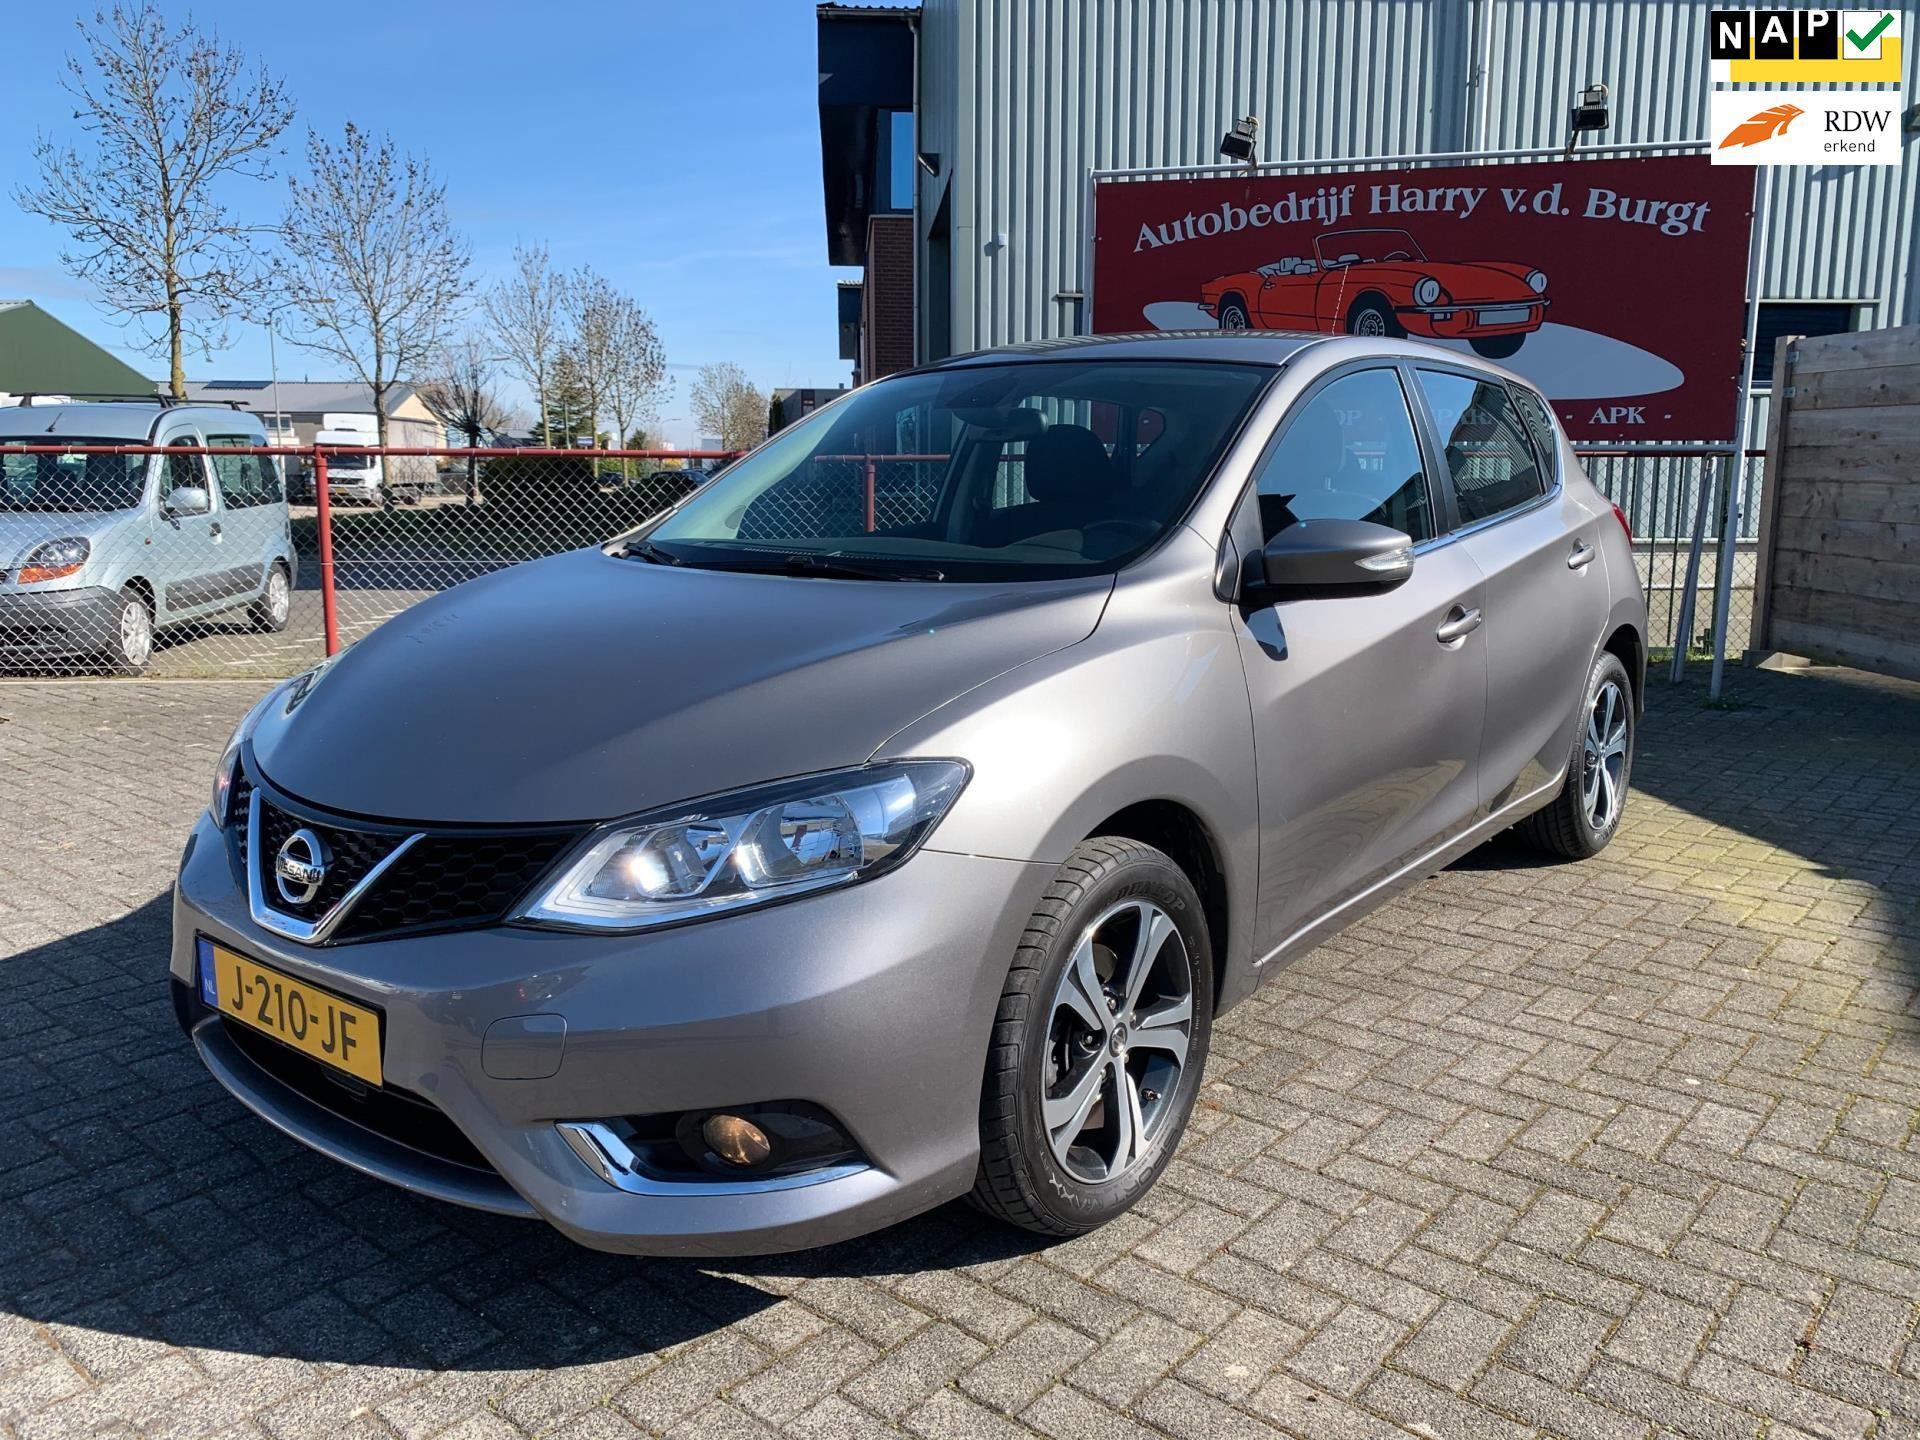 Nissan Pulsar occasion - Autobedrijf Harry van der Burgt